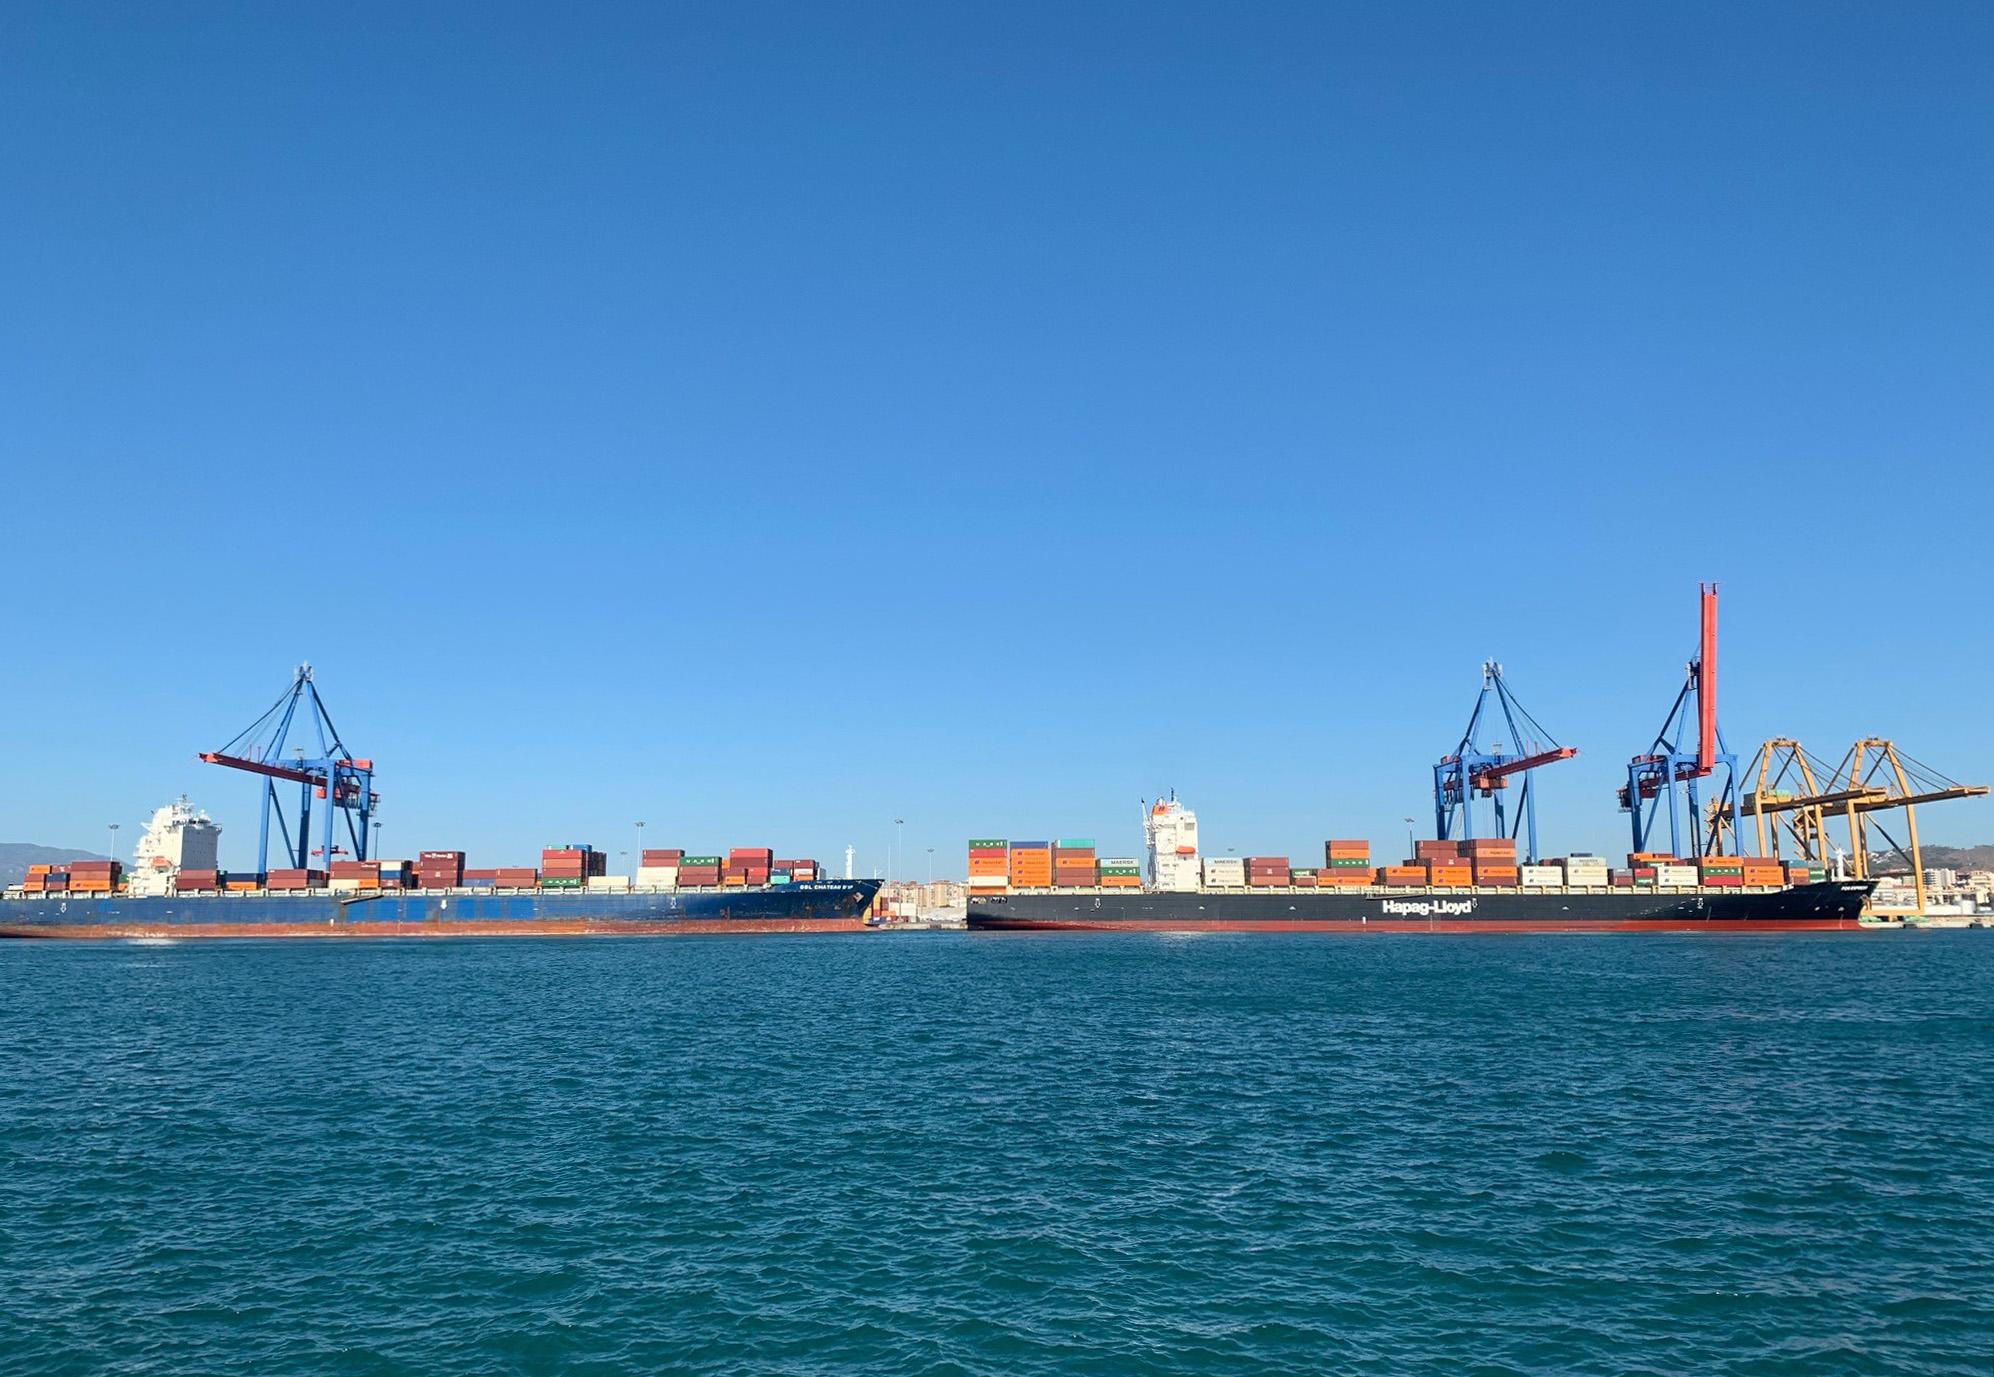 7 escalas de buques portacontenedores y 10.500 TEUS esta semana